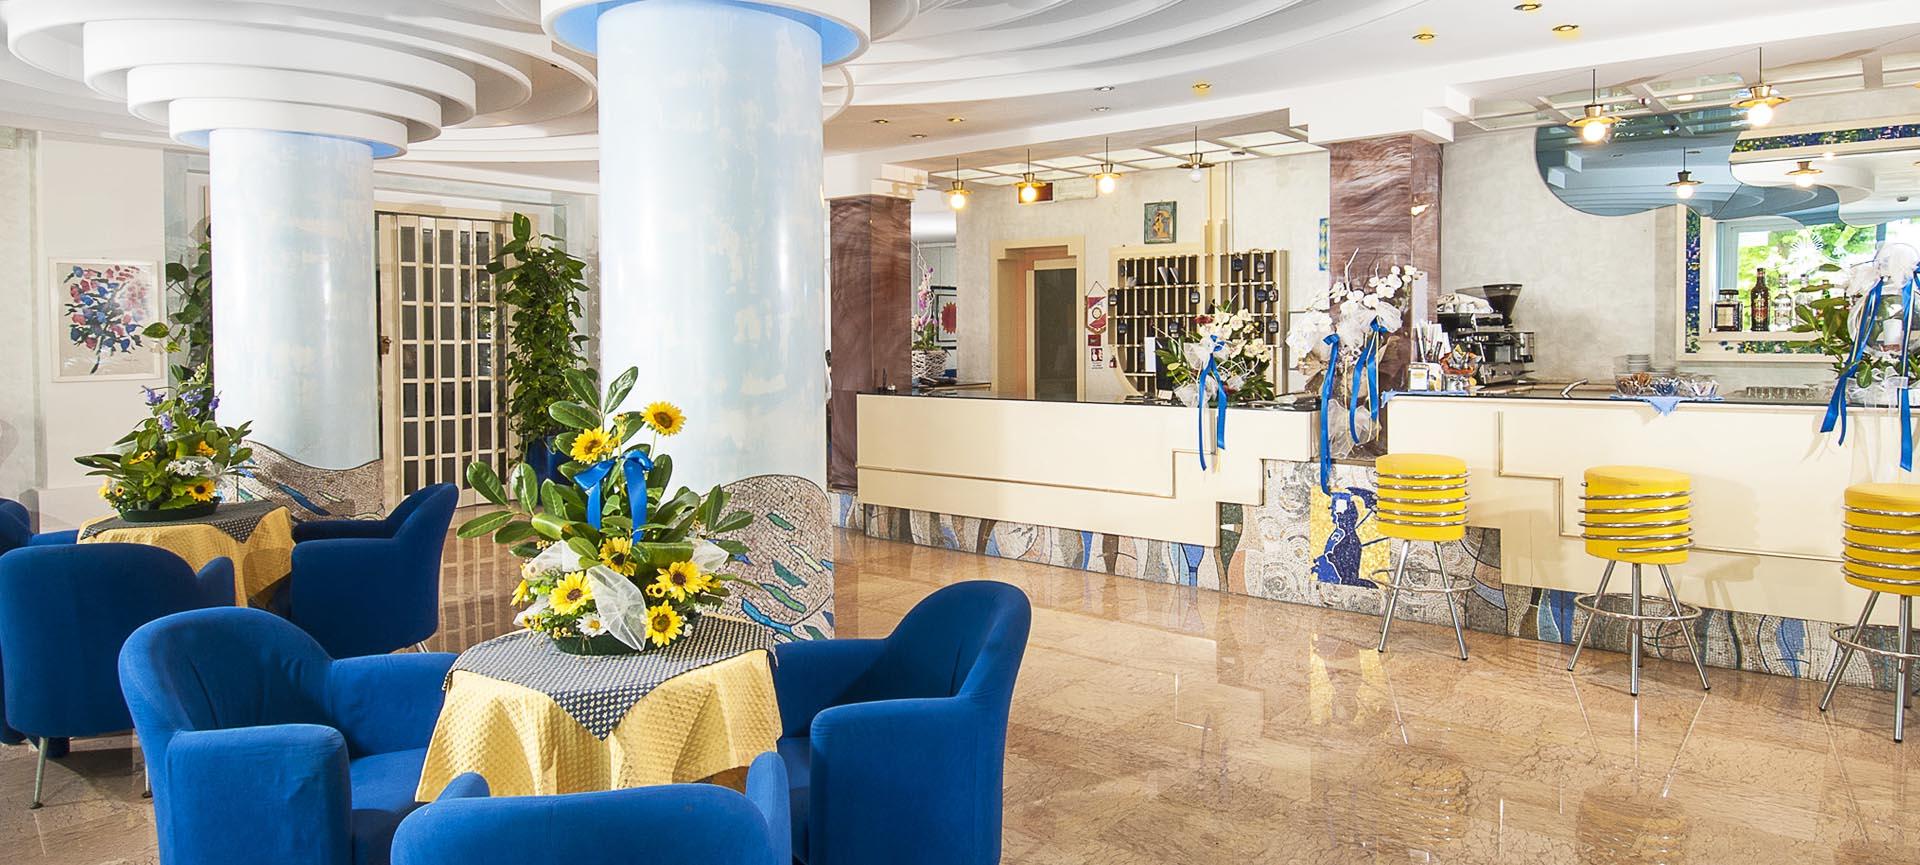 Listino prezzi hotel a gabicce mare migliore tariffa for Listino prezzi presotto